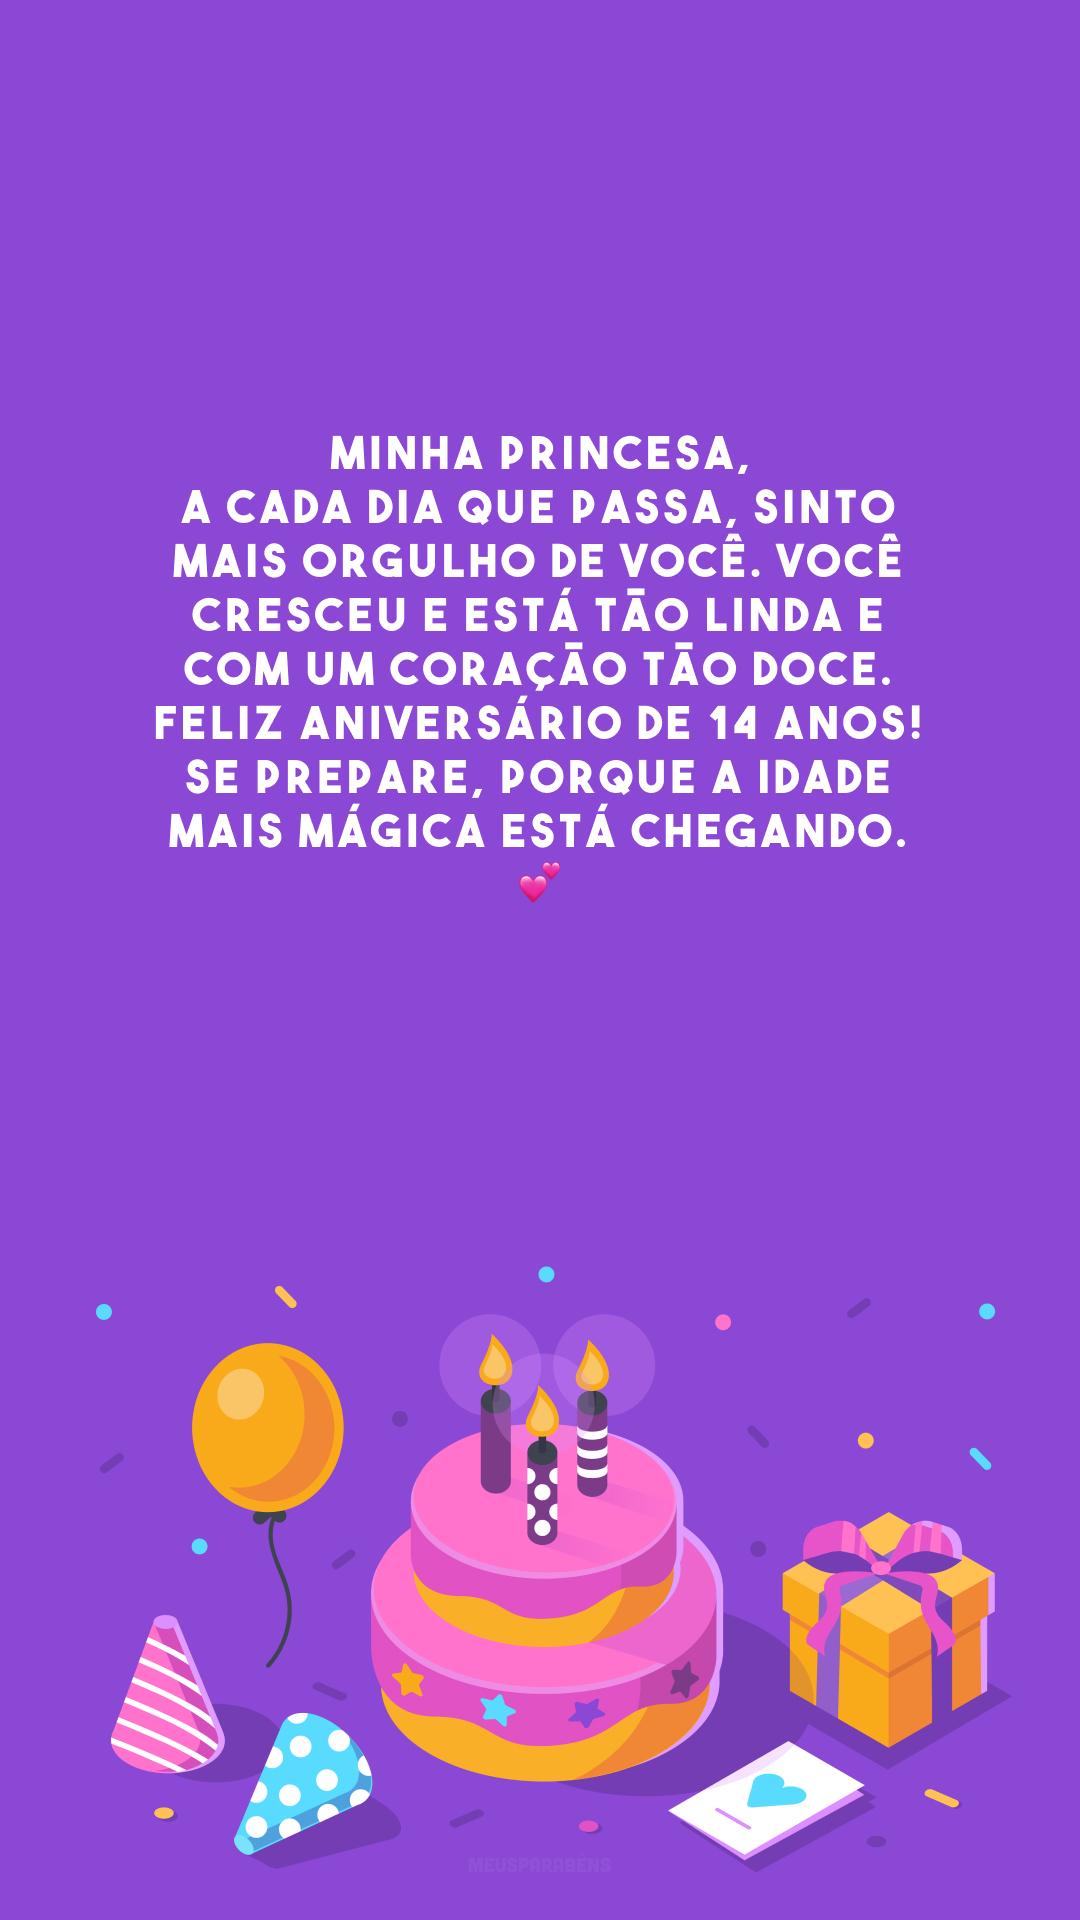 Minha princesa, a cada dia que passa, sinto mais orgulho de você. Você cresceu e está tão linda e com um coração tão doce. Feliz aniversário de 14 anos! Se prepare, porque a idade mais mágica está chegando. 💕